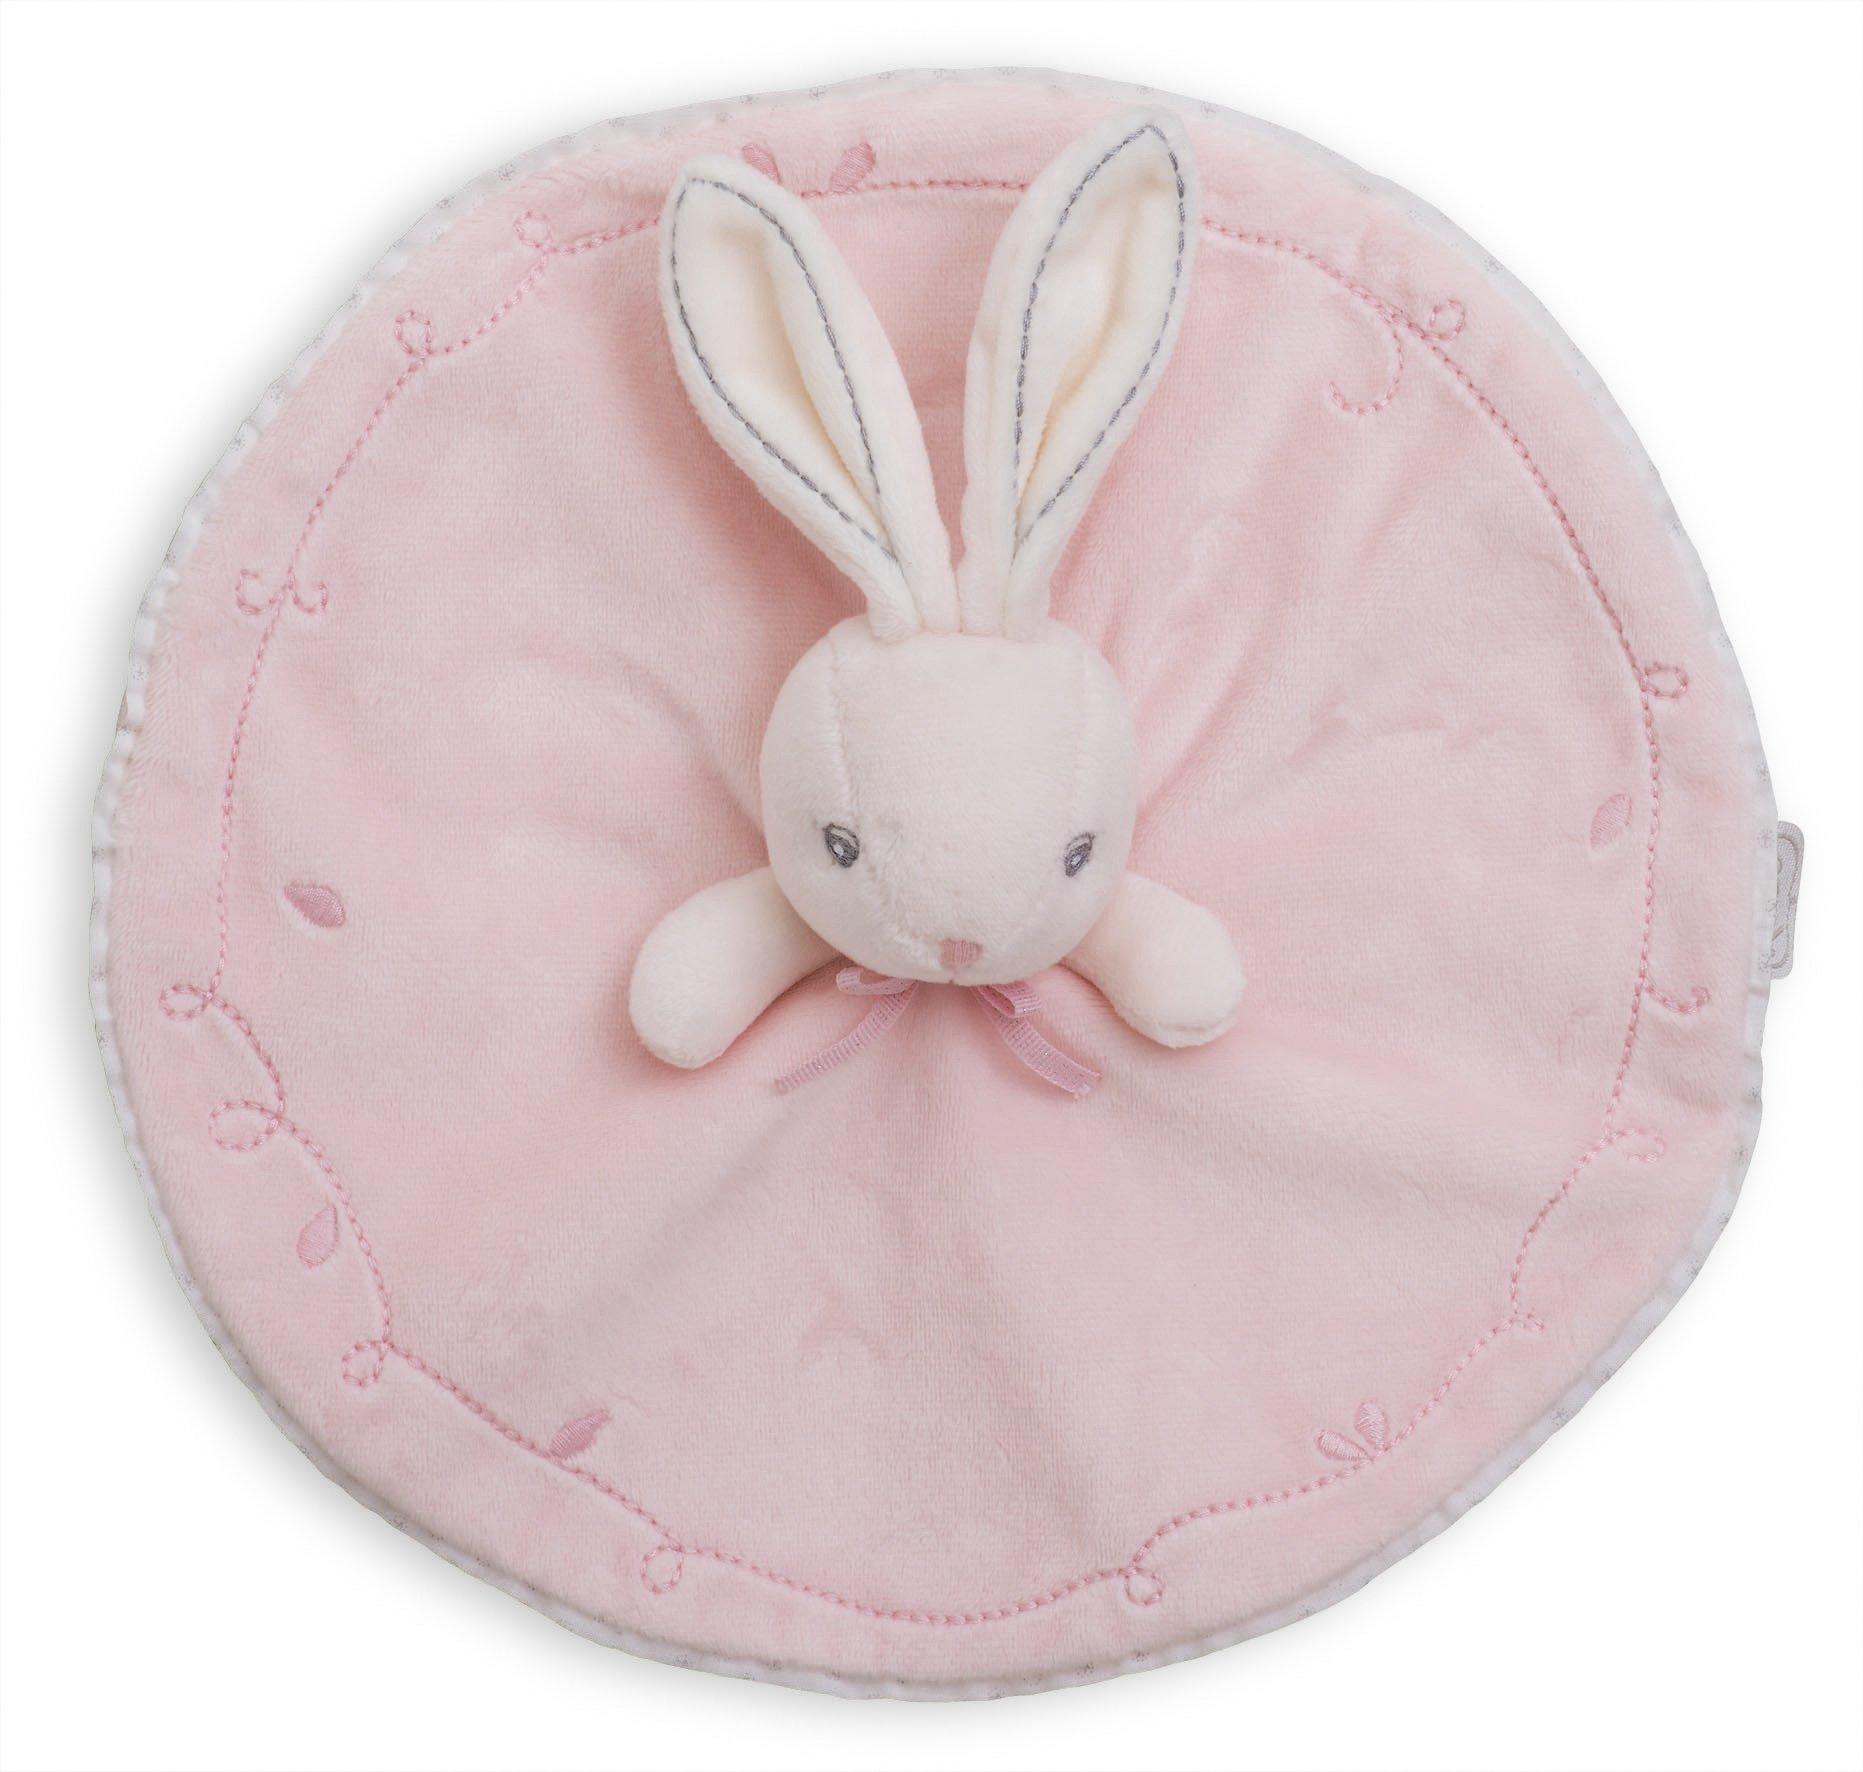 Kaloo Perle Pink Rabbit Doudou